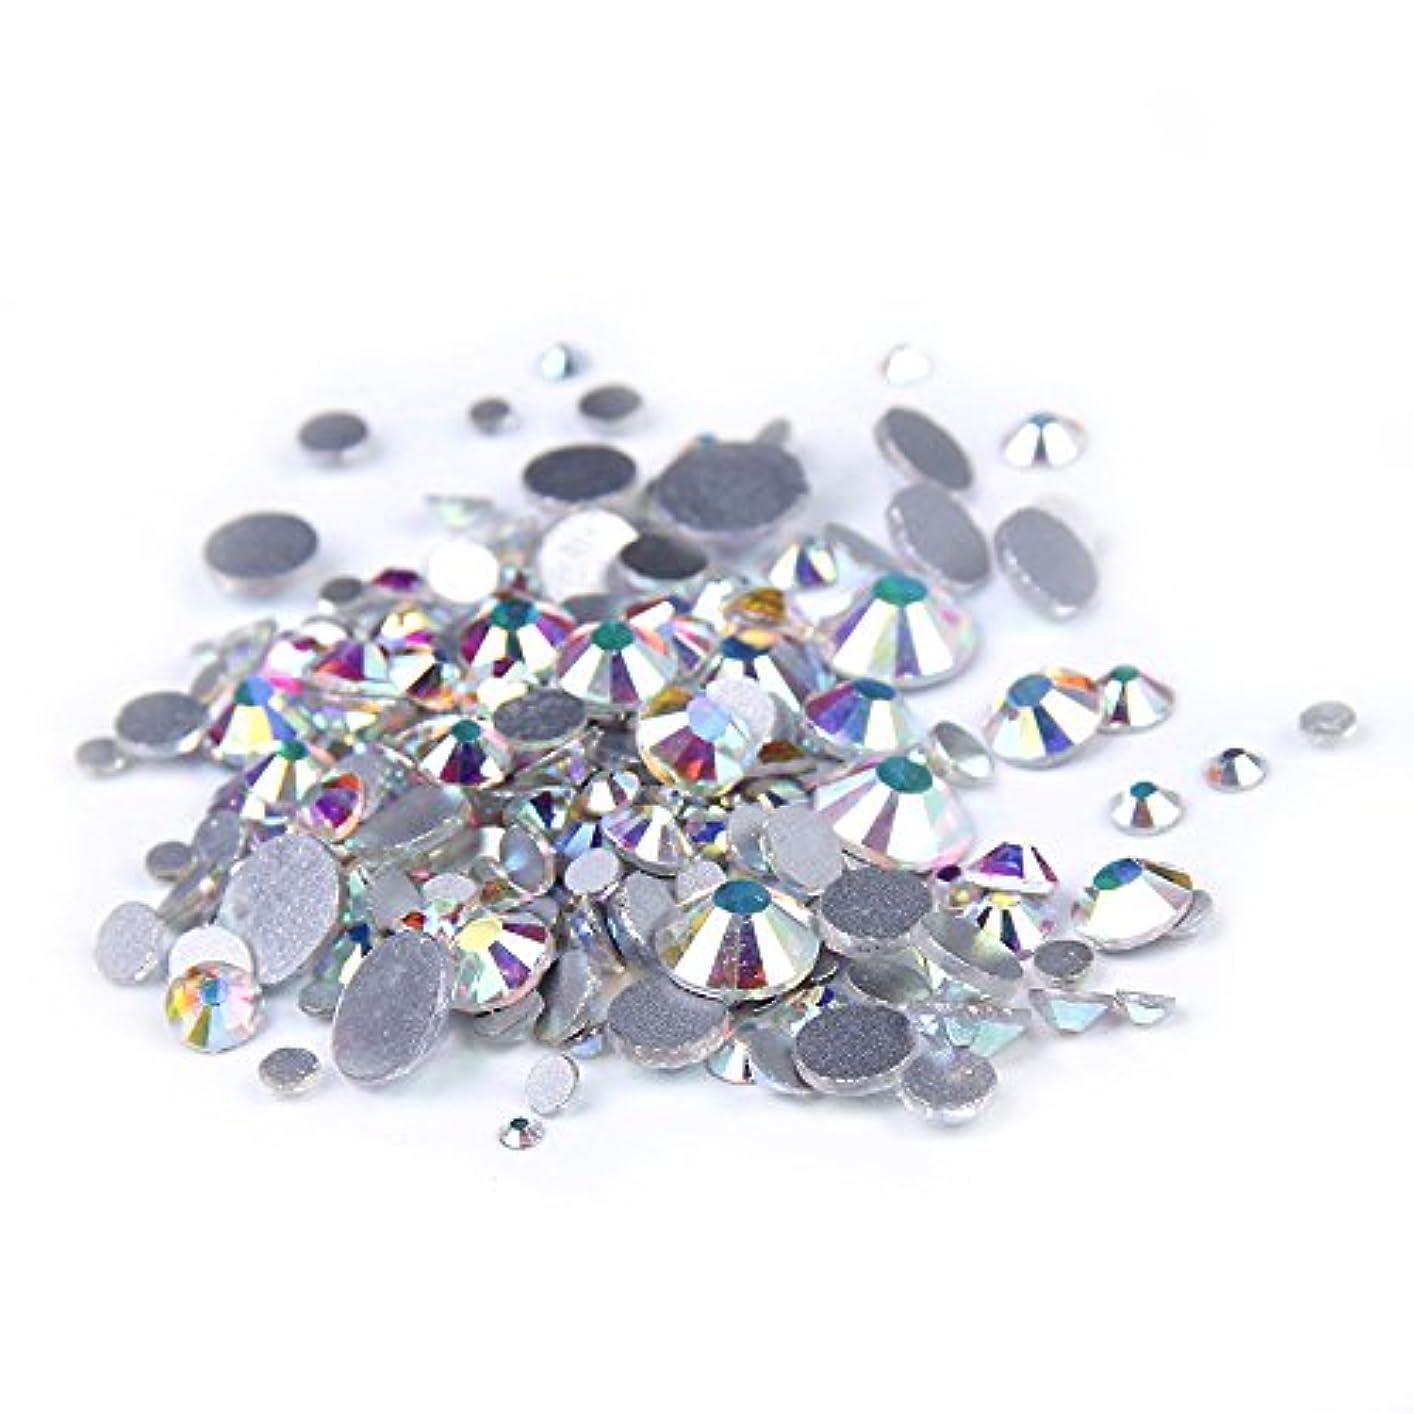 レビュードルペパーミントNizi ジュエリー ブランド クリスタルオーロラ ラインストーン はガラスの材質 ネイル使用 型番ss3-ss50 (SS50 144pcs)